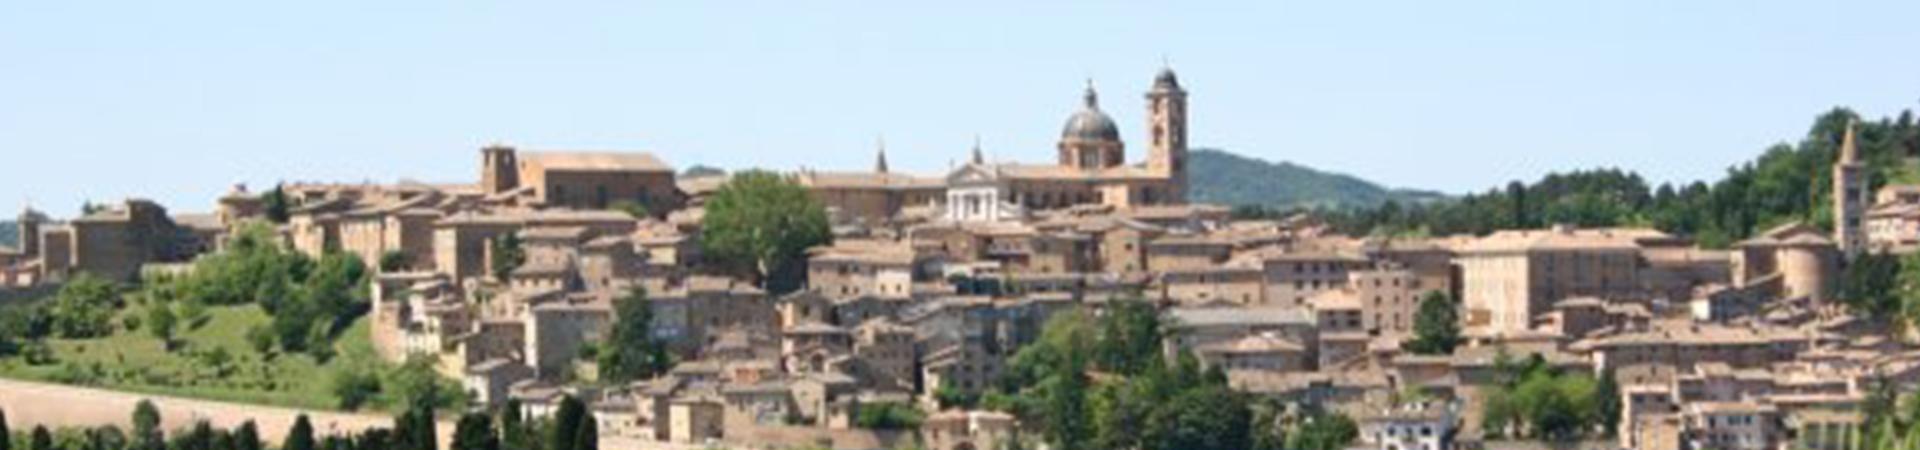 Header Comune di Montefelcino